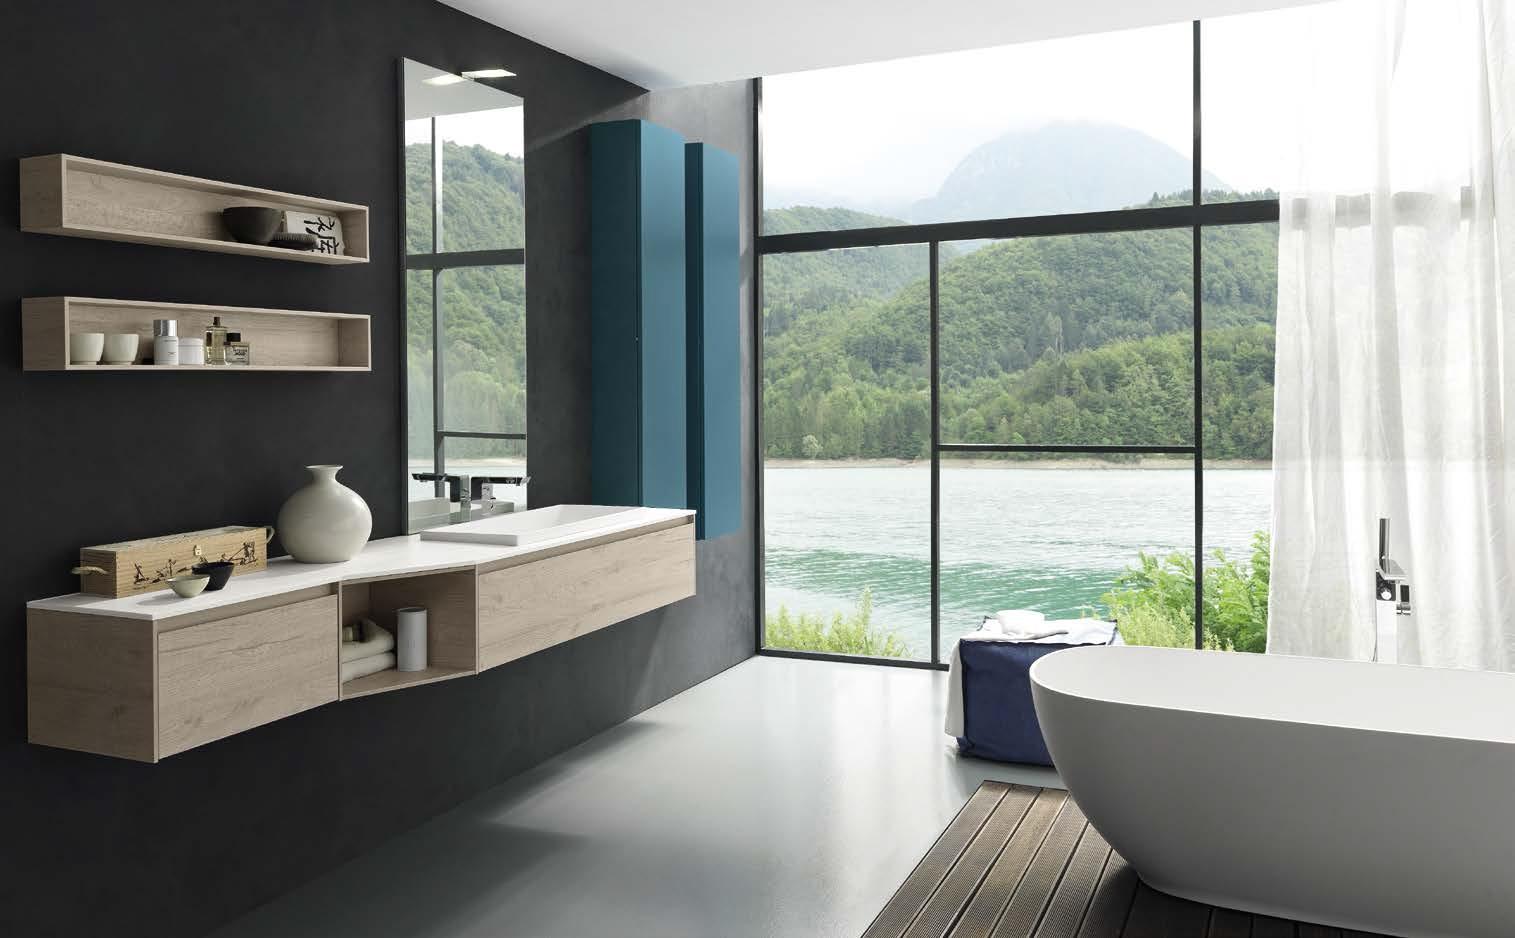 Meuble salle de bain wenge pas cher for Meuble salle de bain design italien